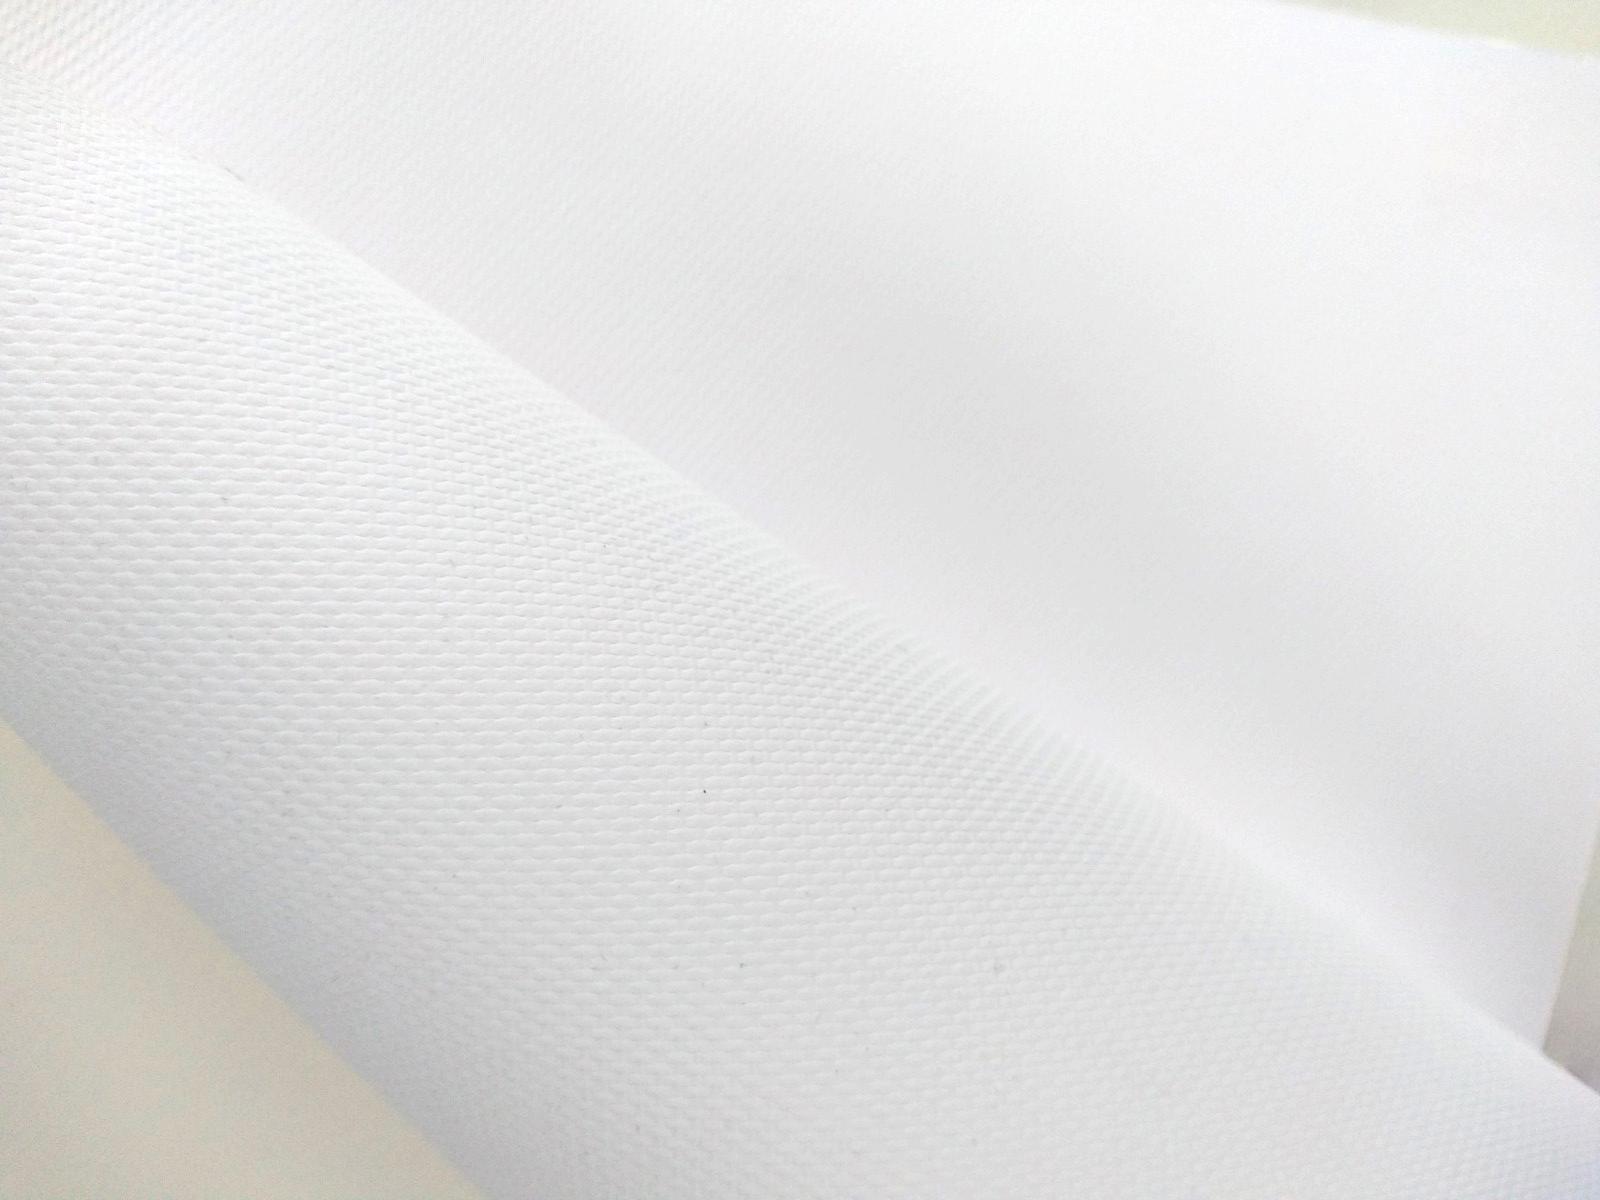 Biancoflash Millenium 225 g